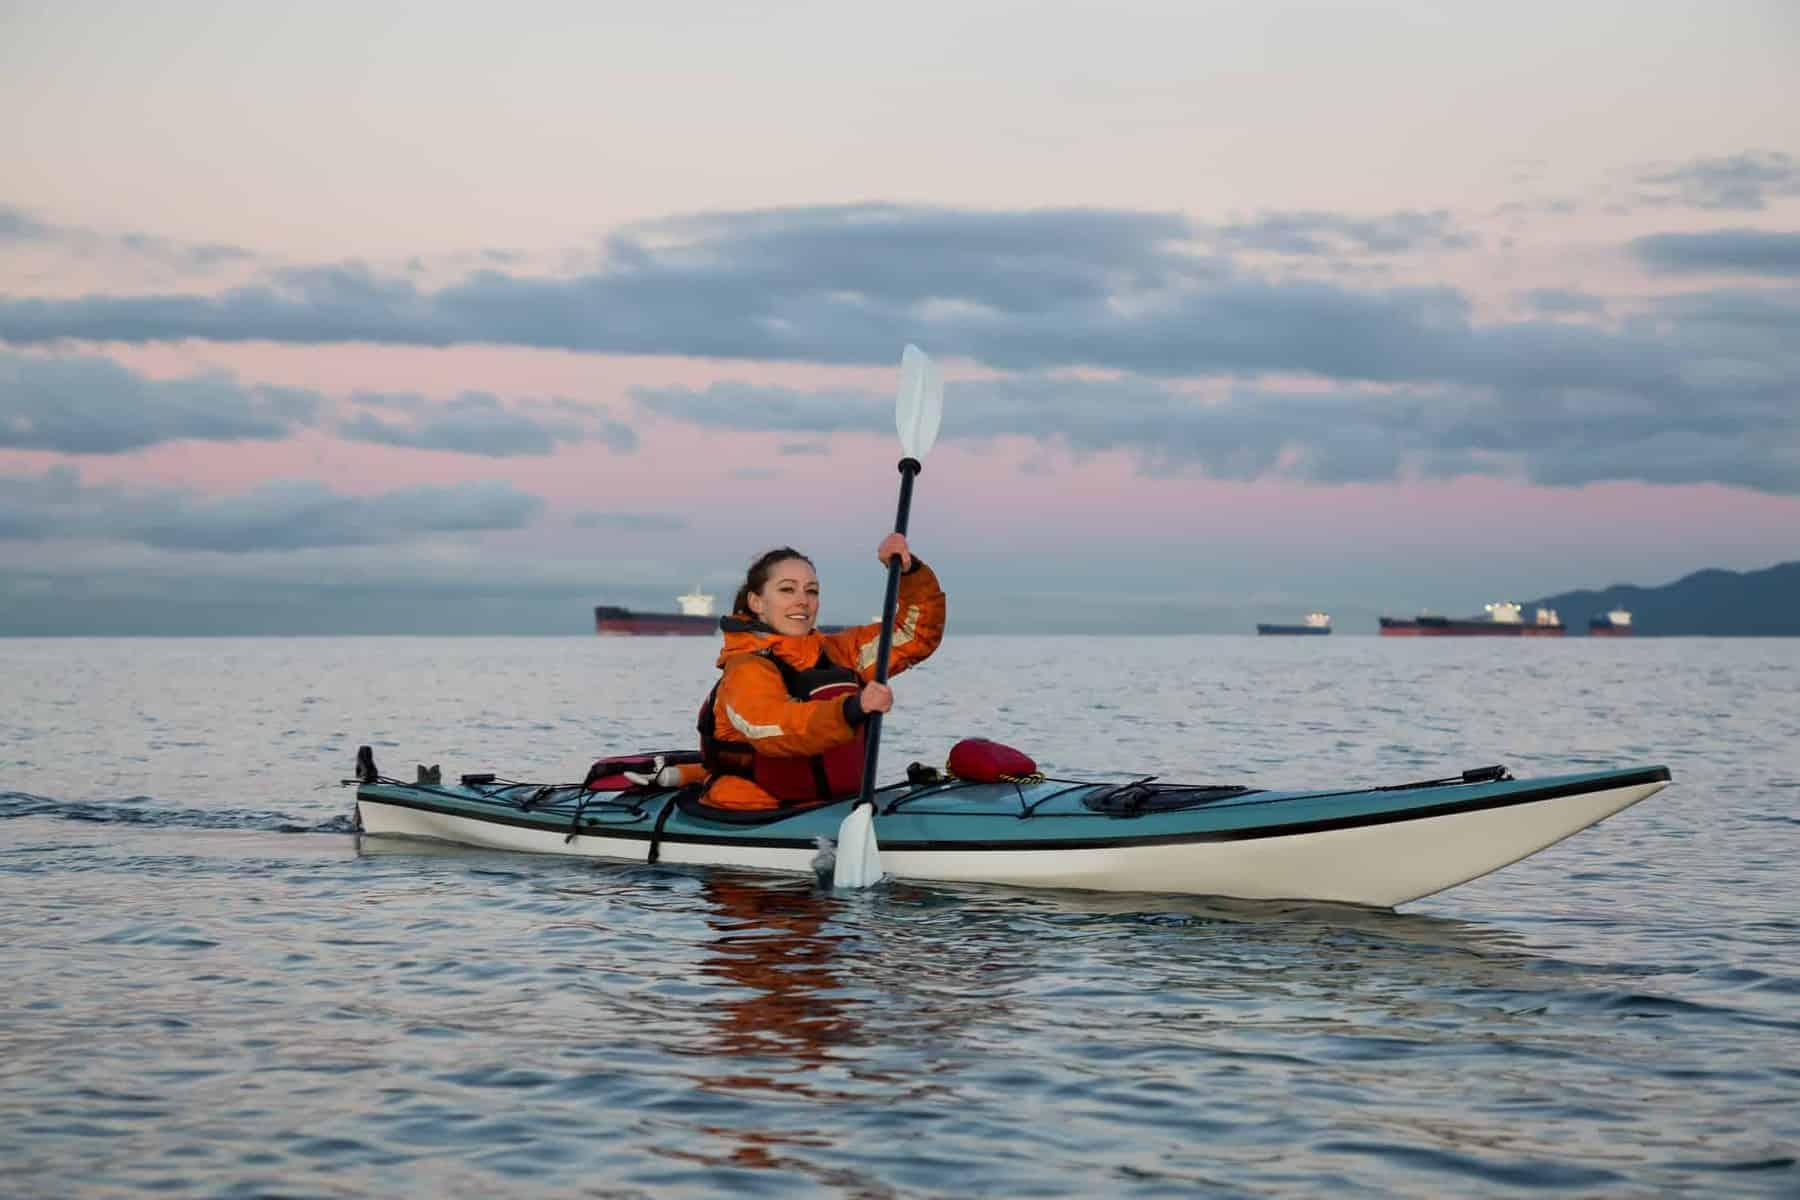 woman paddling  blue sea kayak with kayak rudder